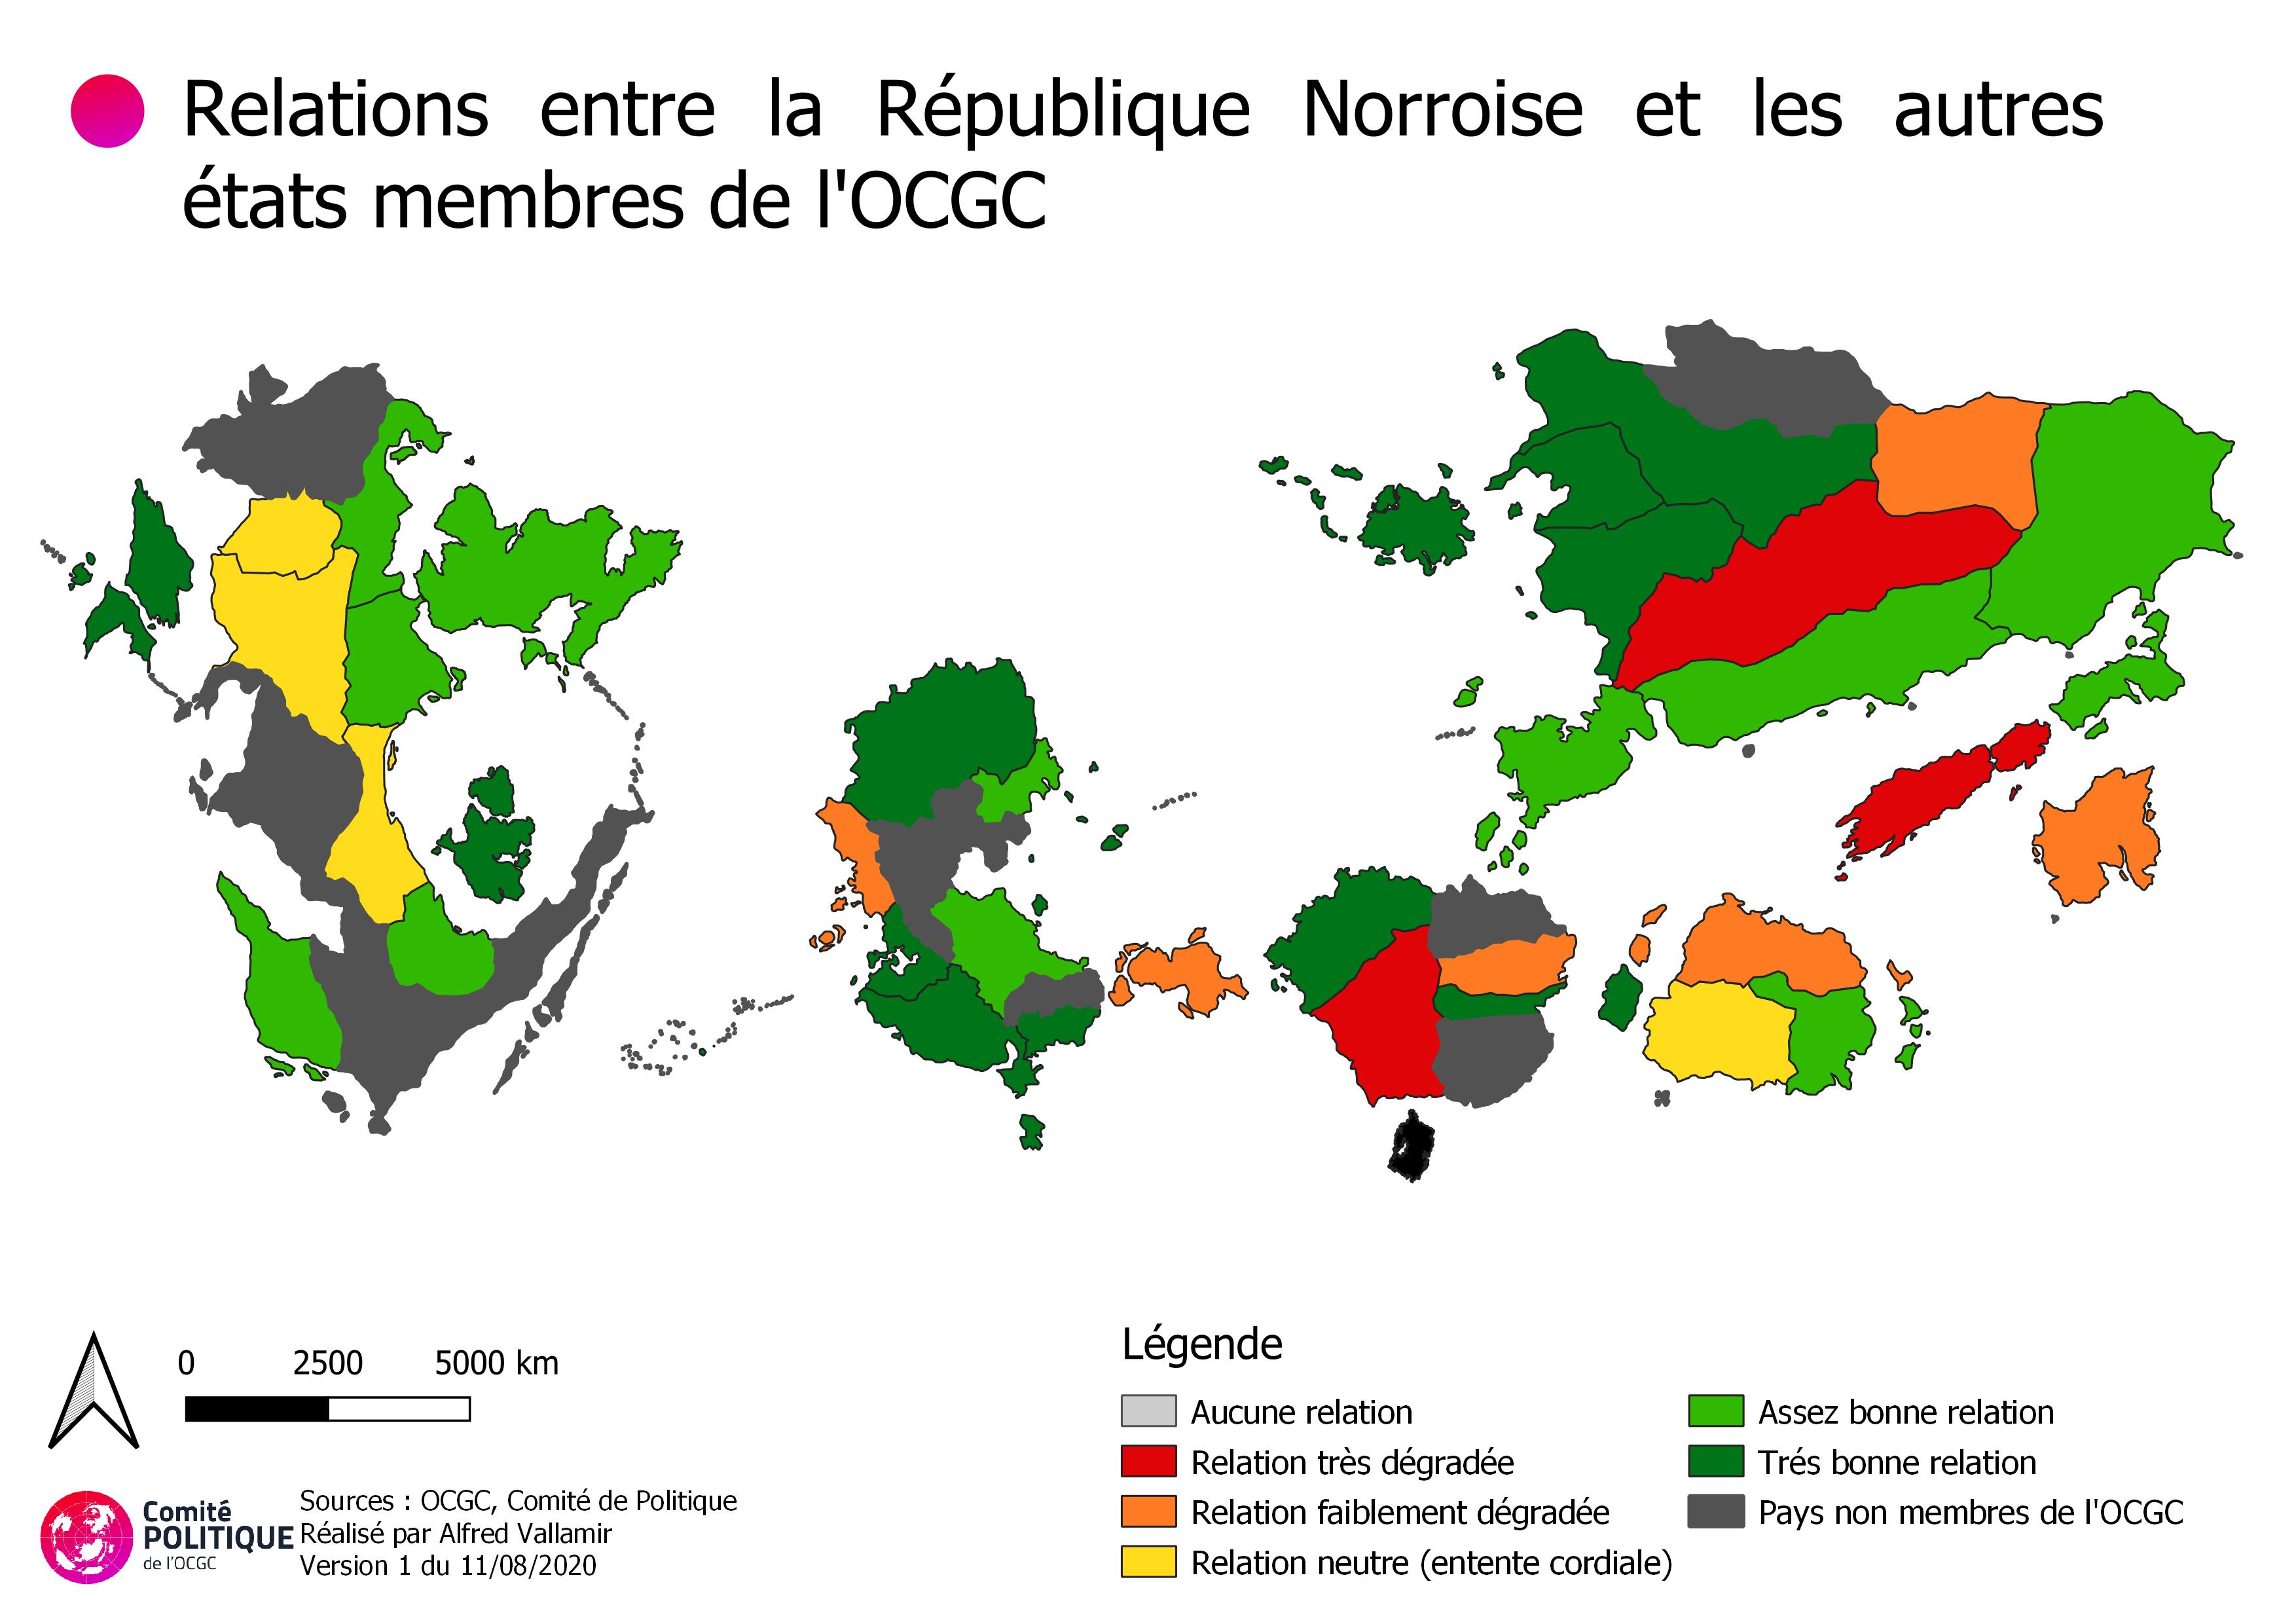 Atlas du comité de politique - L'édition 2021 disponible ! - Page 6 ComPol_Rel_Bil_Norrois